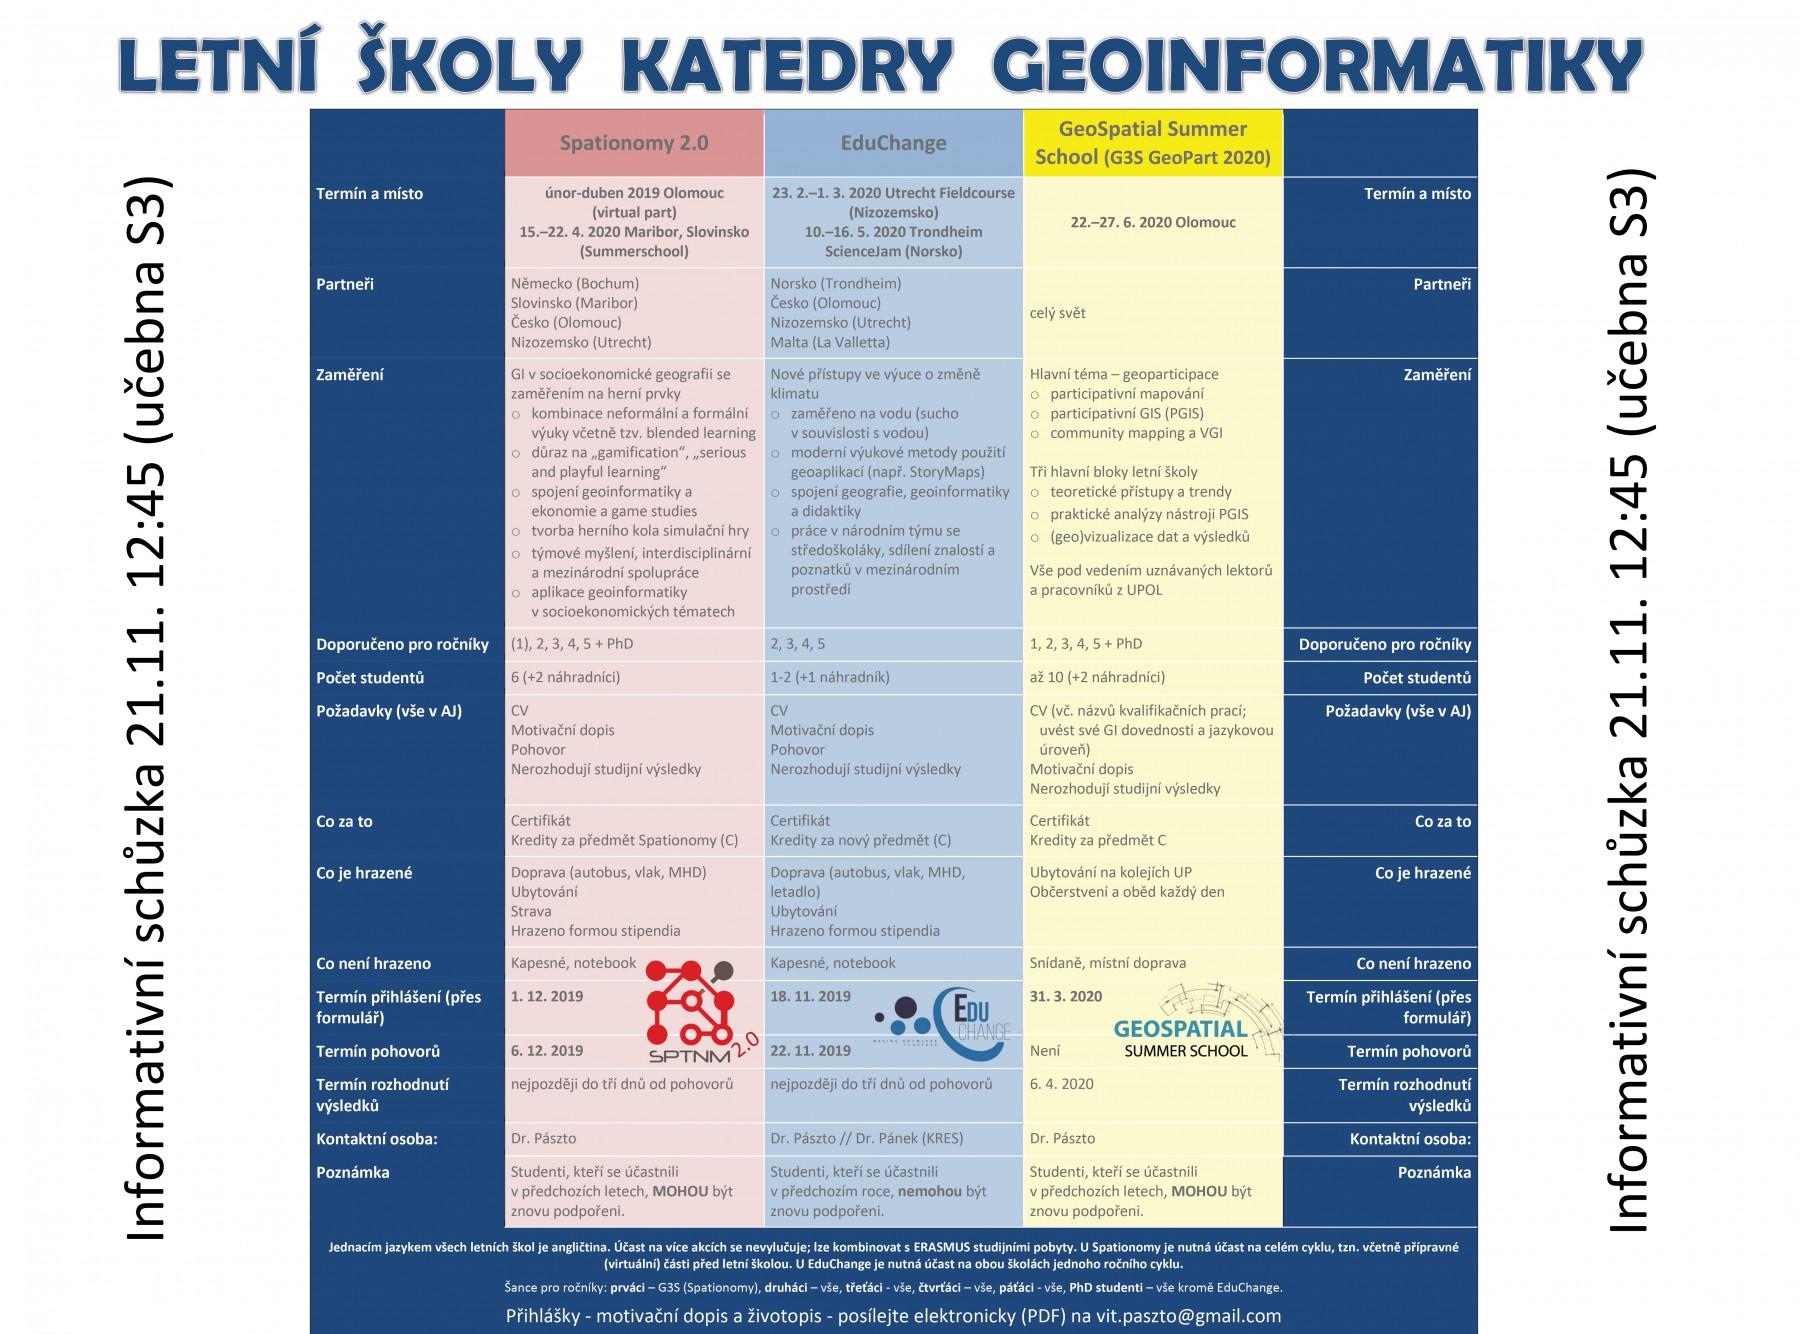 Letní školy katedry geoinformatiky